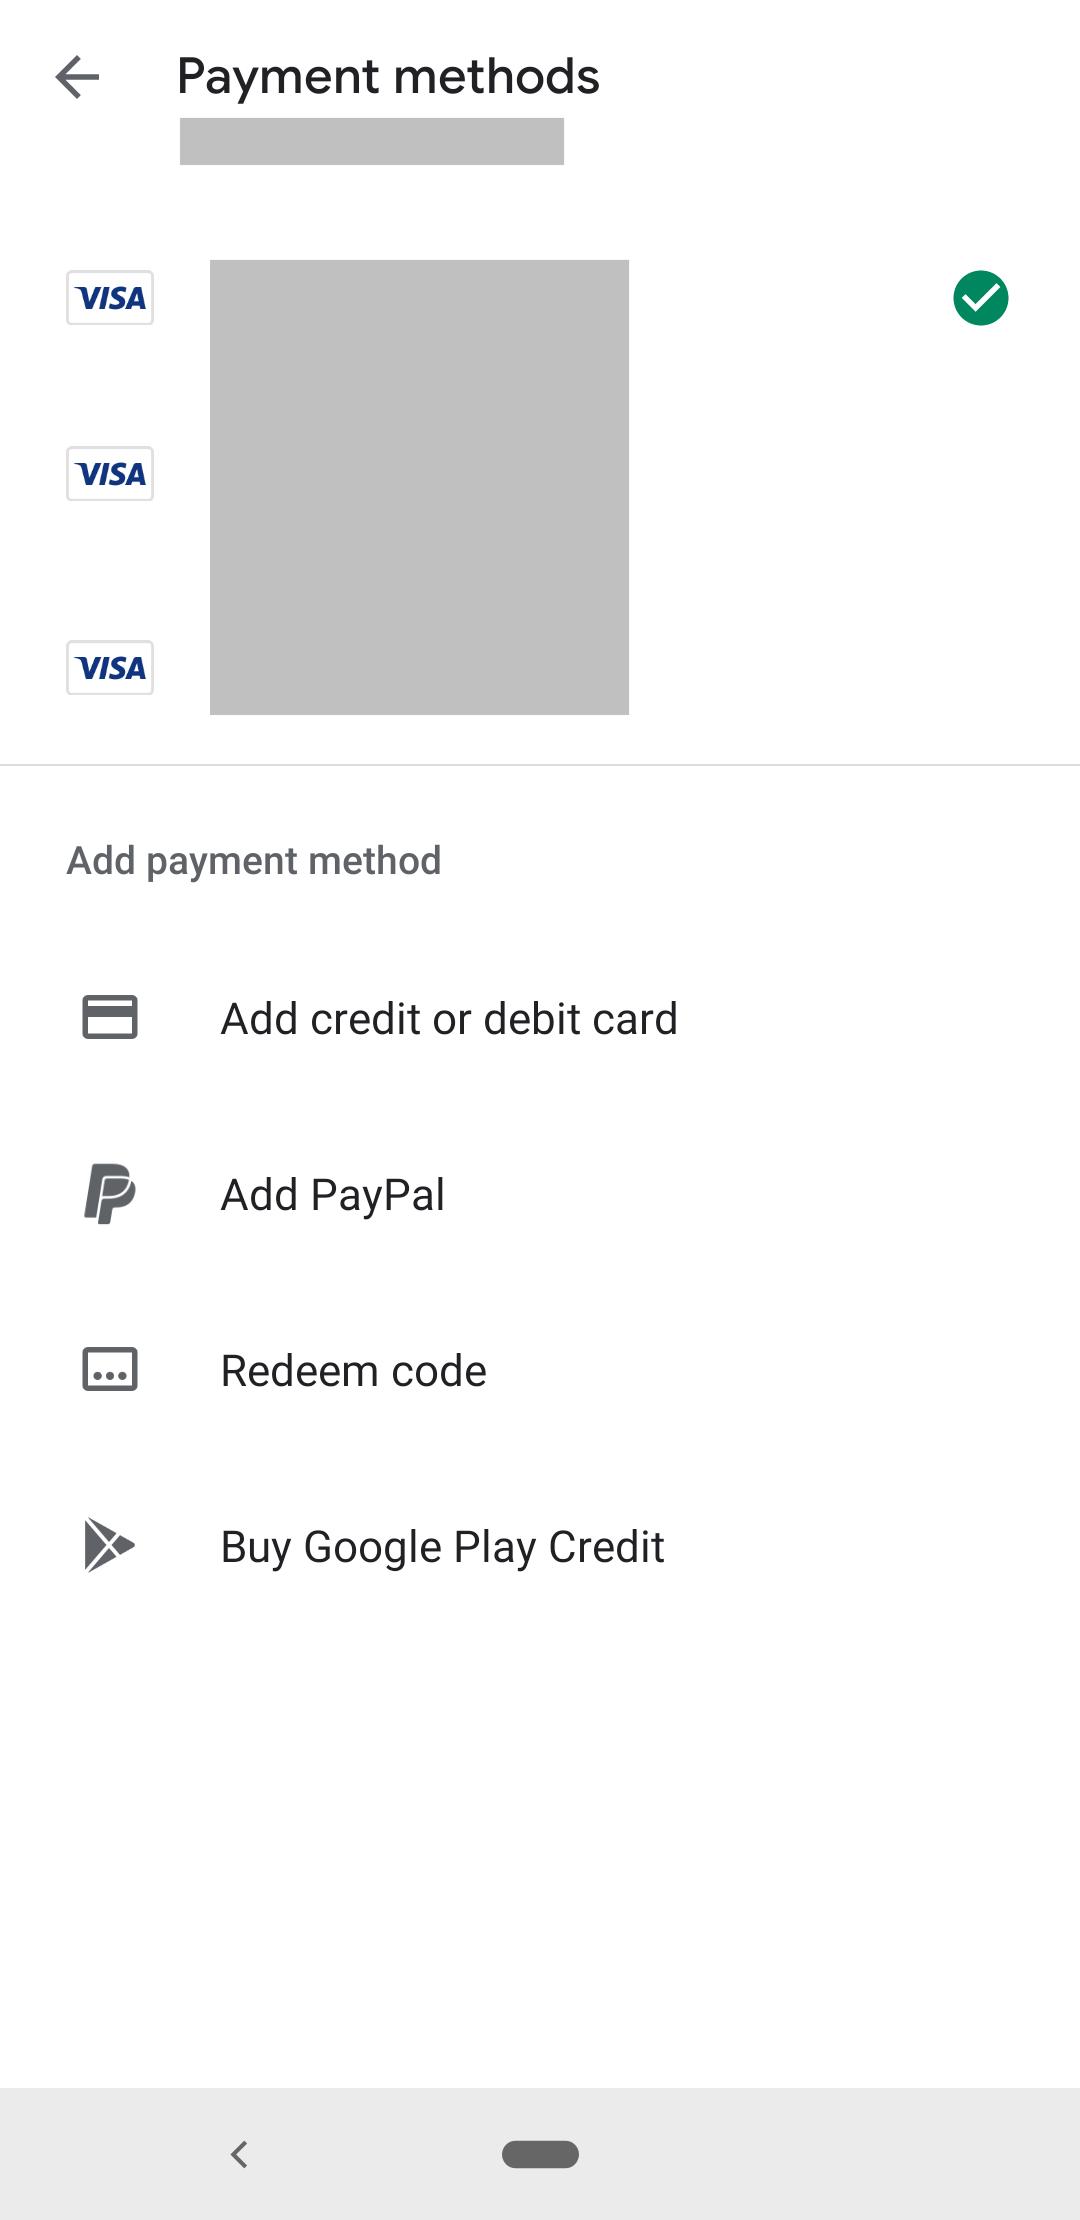 layar yang mencantumkan metode pembayaran untuk pembelian dalam aplikasi